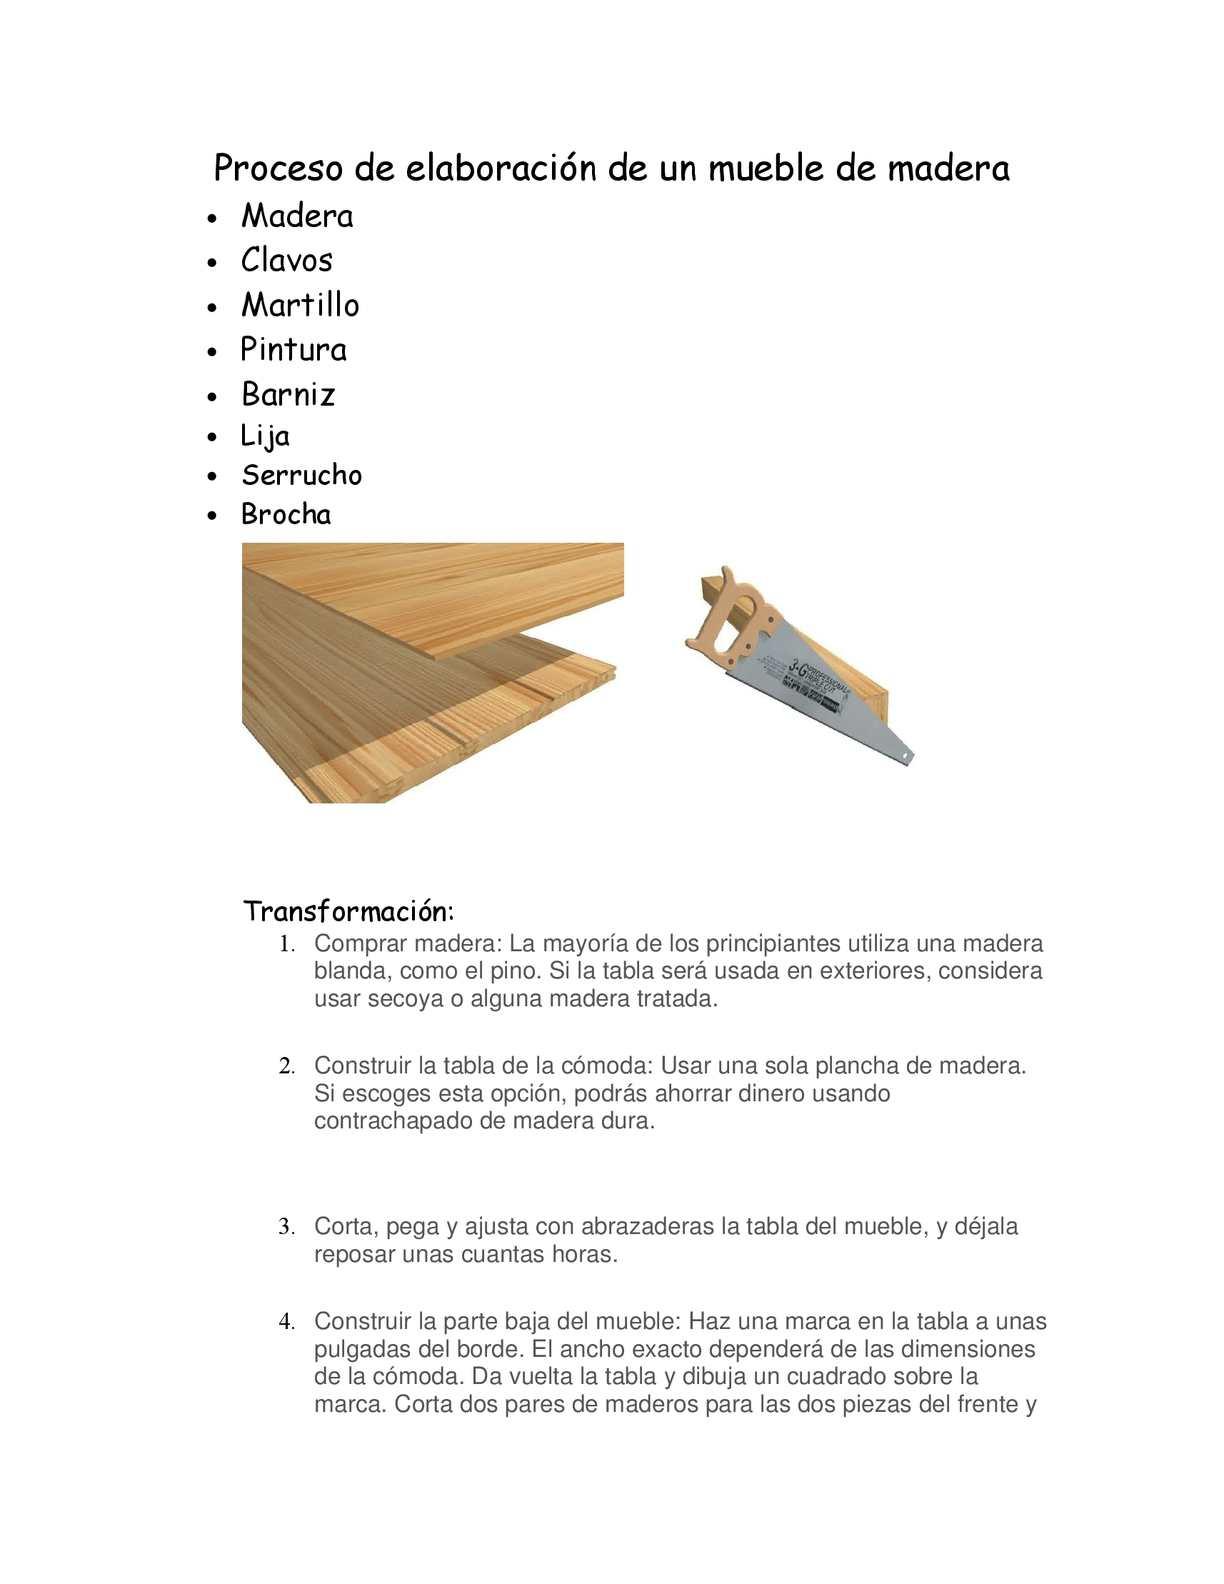 Calam o proceso de elaboraci n de un mueble de madera - Como se elabora una silla de madera ...